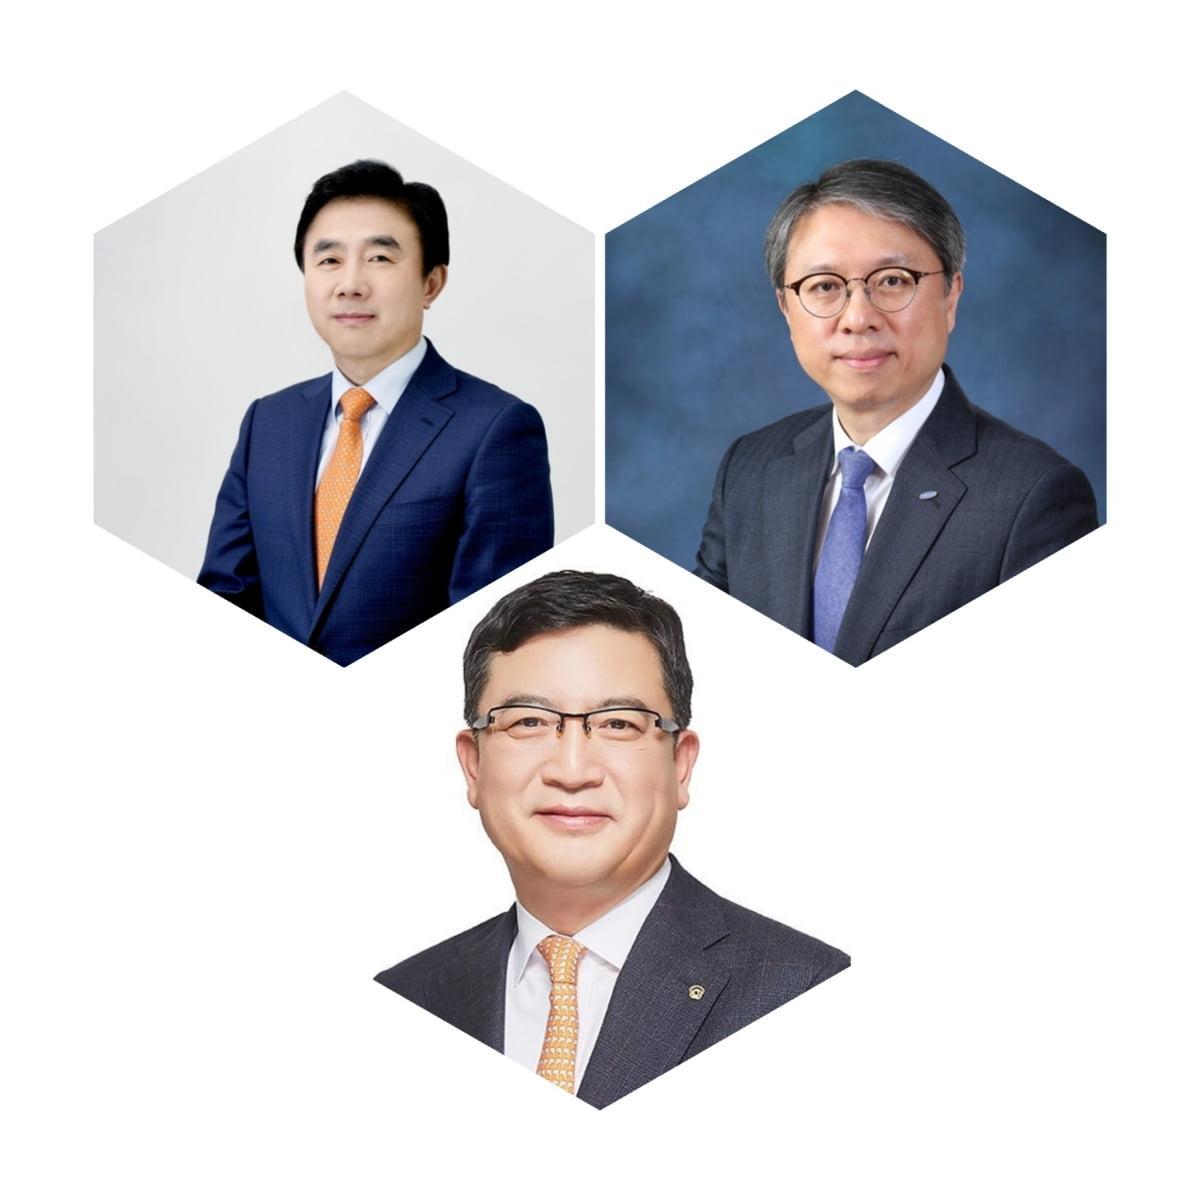 삼성생명·카드·한화손보, 주총서 신임 CEO 선임